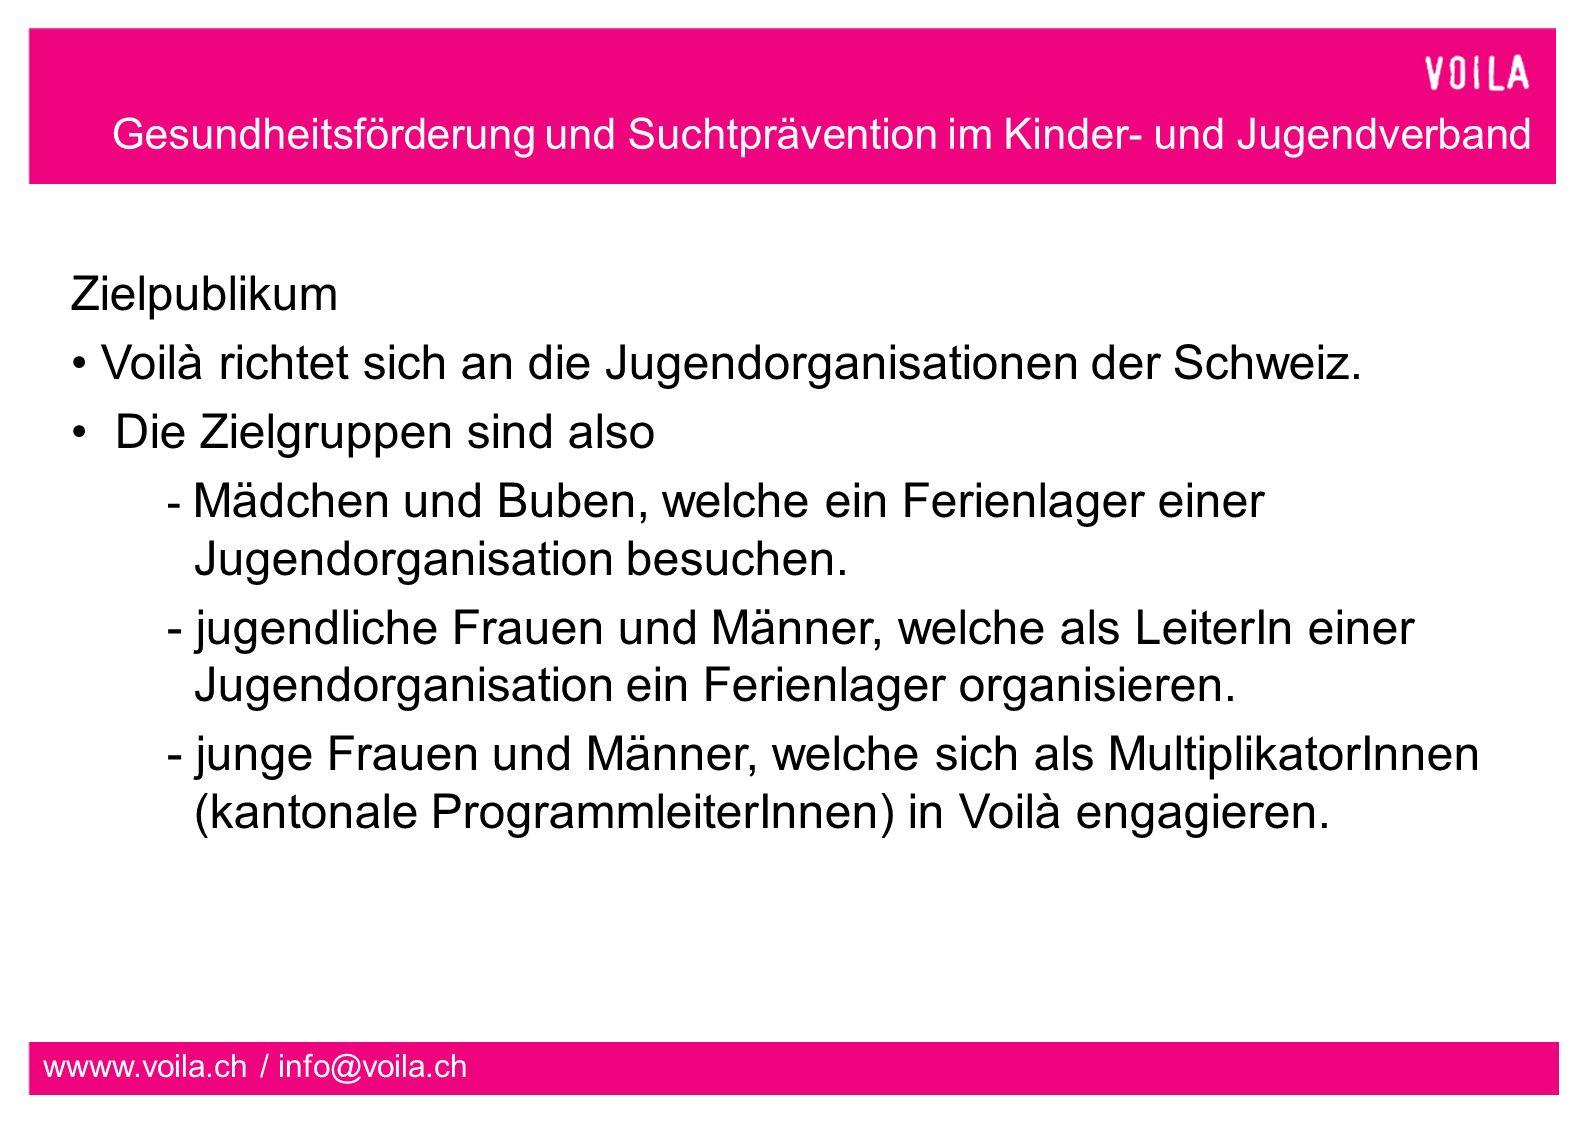 Gesundheitsförderung und Suchtprävention im Kinder- und Jugendverband wwww.voila.ch / info@voila.ch Eckdaten Gründung 1.